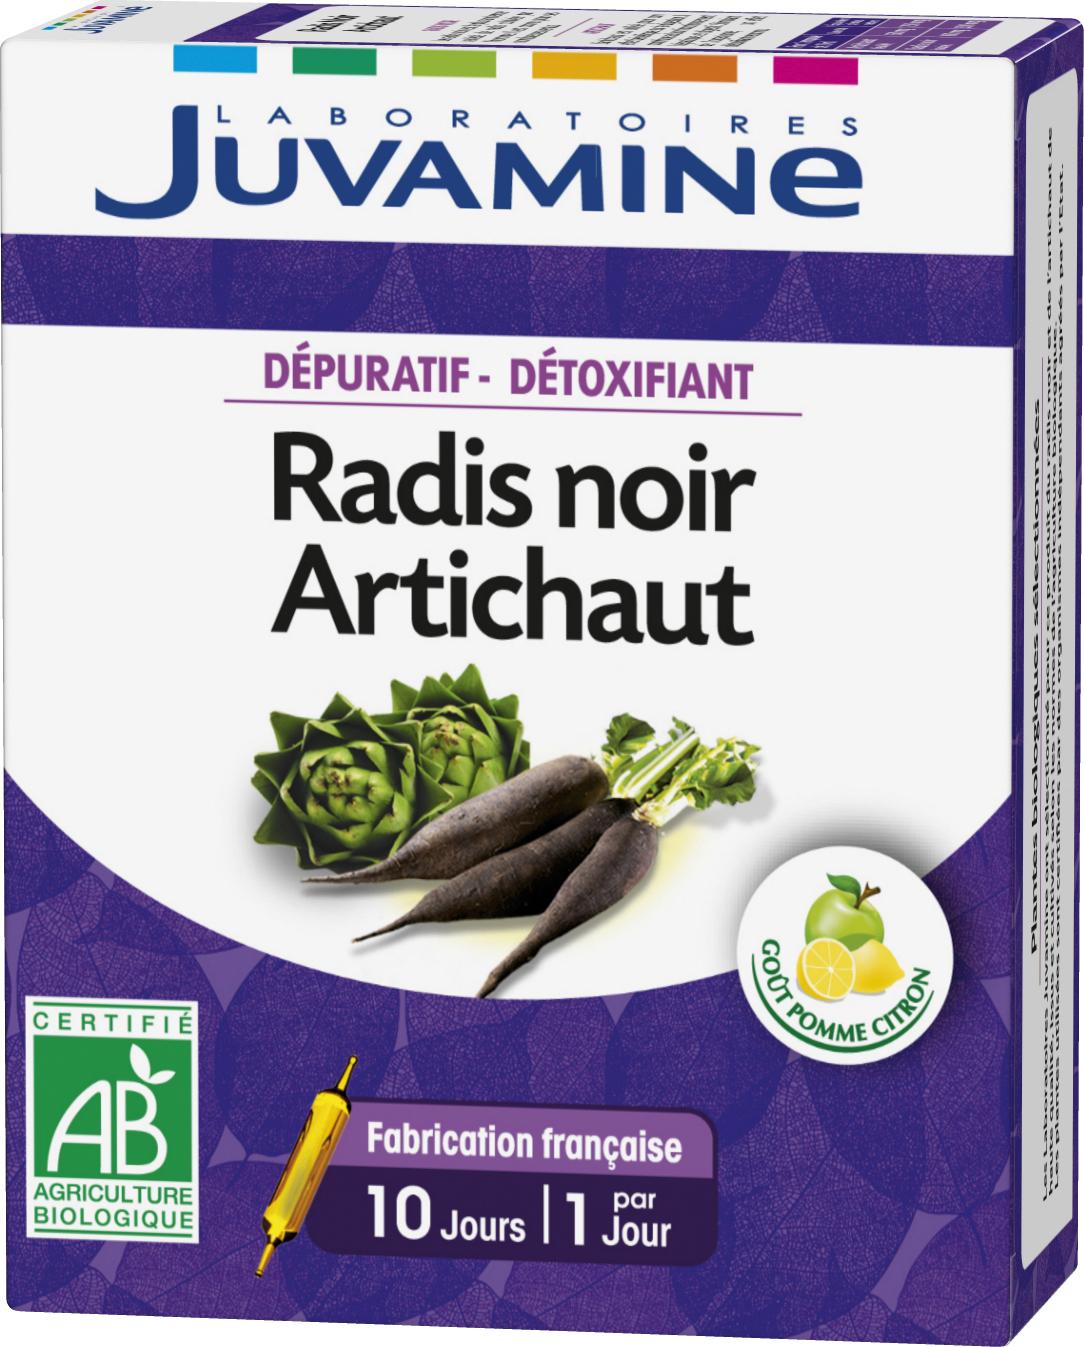 Prix de Juvamine Dépuratif-Détoxifiant Radis Noir et